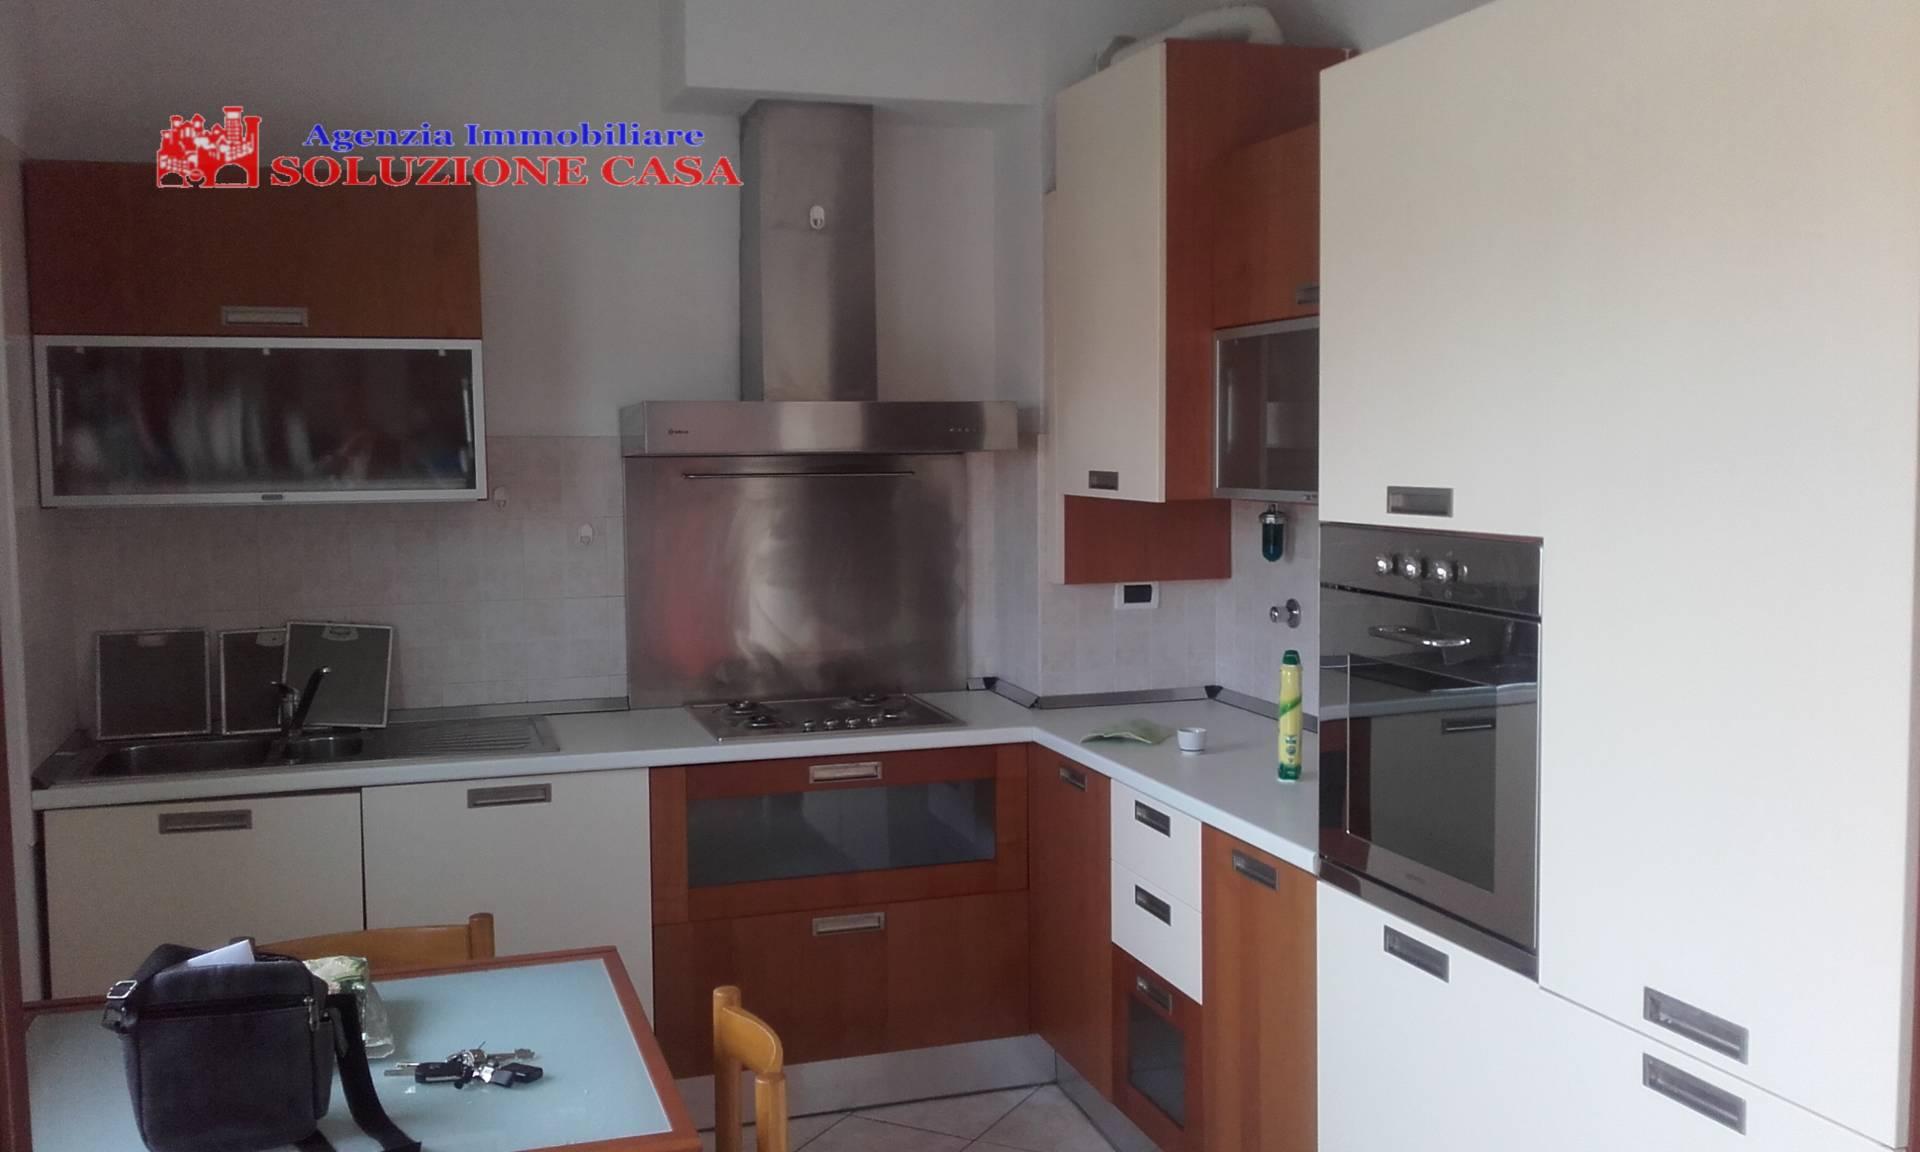 Appartamento in affitto a Pieve di Cento, 3 locali, prezzo € 550 | CambioCasa.it